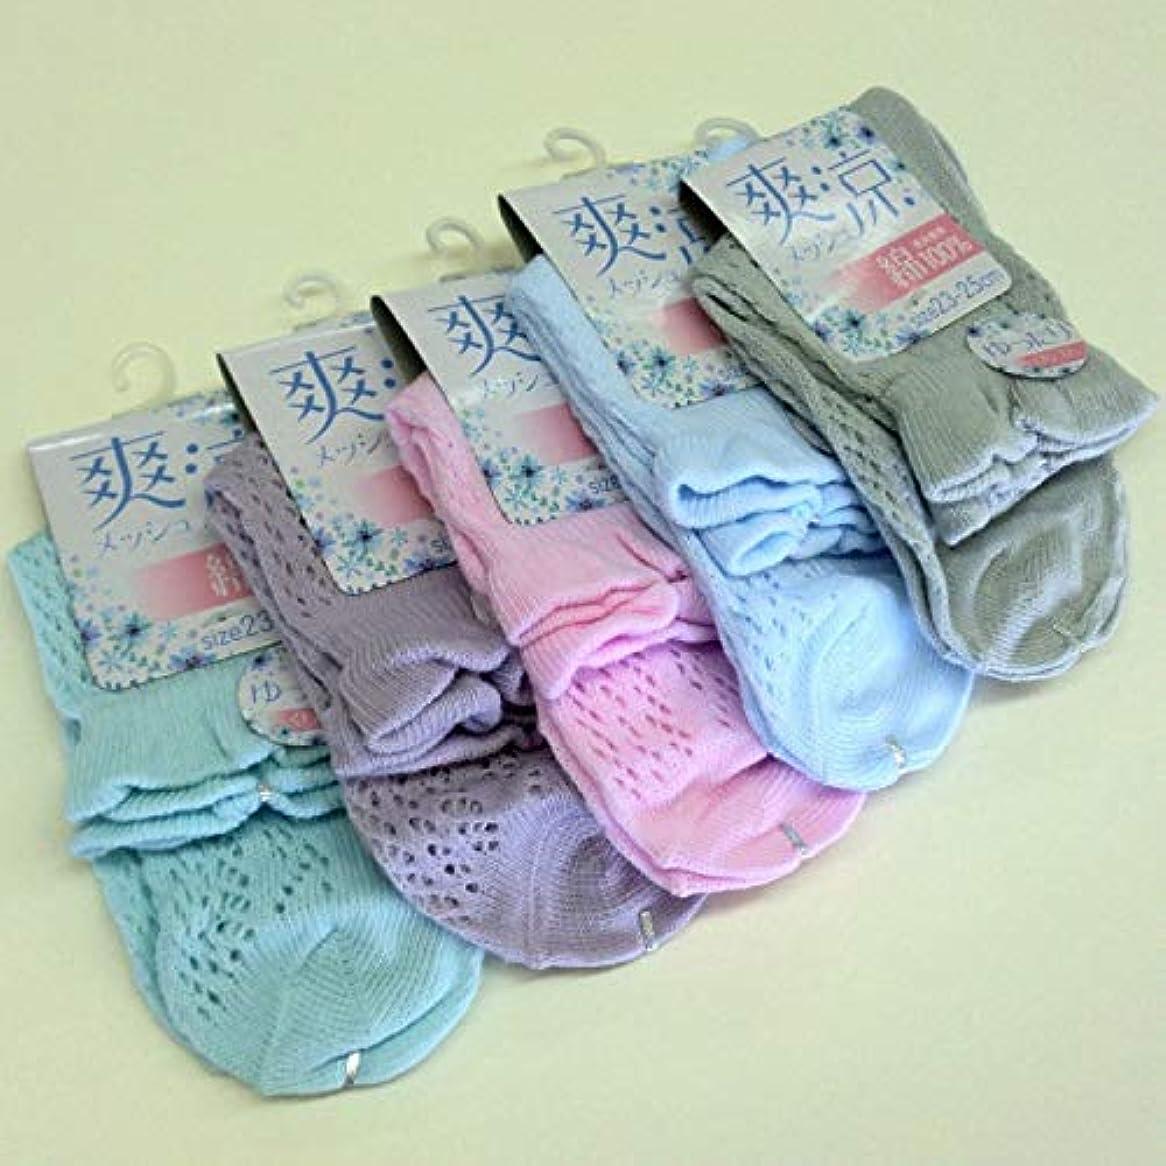 海嶺レポートを書く表示靴下 レディース 夏 表糸綿100% 涼しいルミーソックス セット 5色5足組